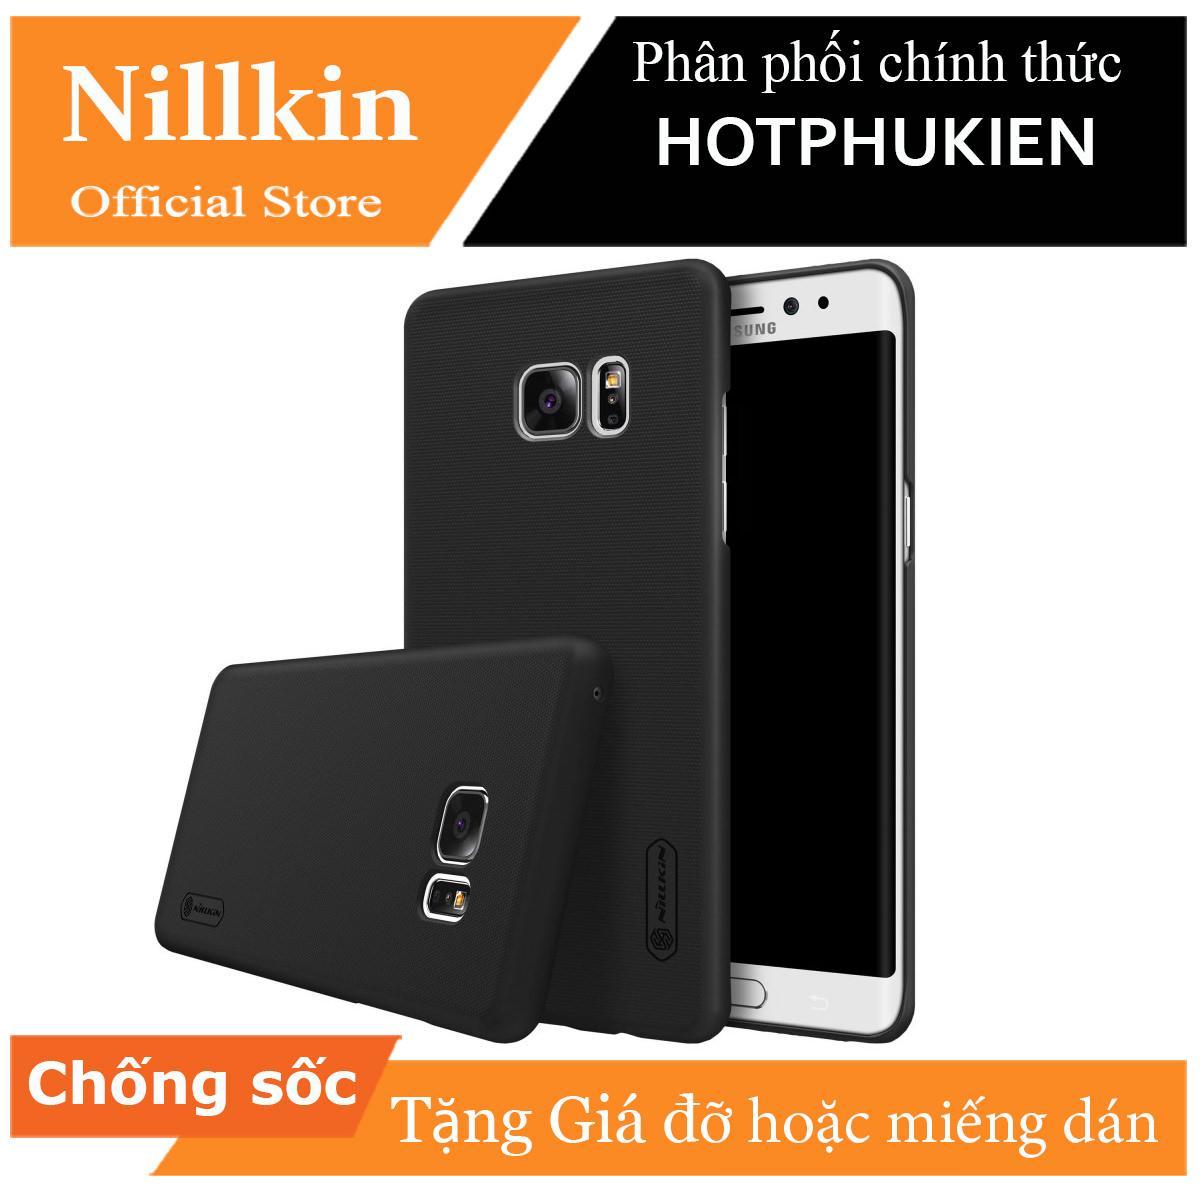 Giá Ốp lưng sần Samsung Galaxy Note FE hiệu Nillkin (Tặng kèm 1 giá đỡ hoặc miếng dán từ tính) - Phân phối HotPhuKien